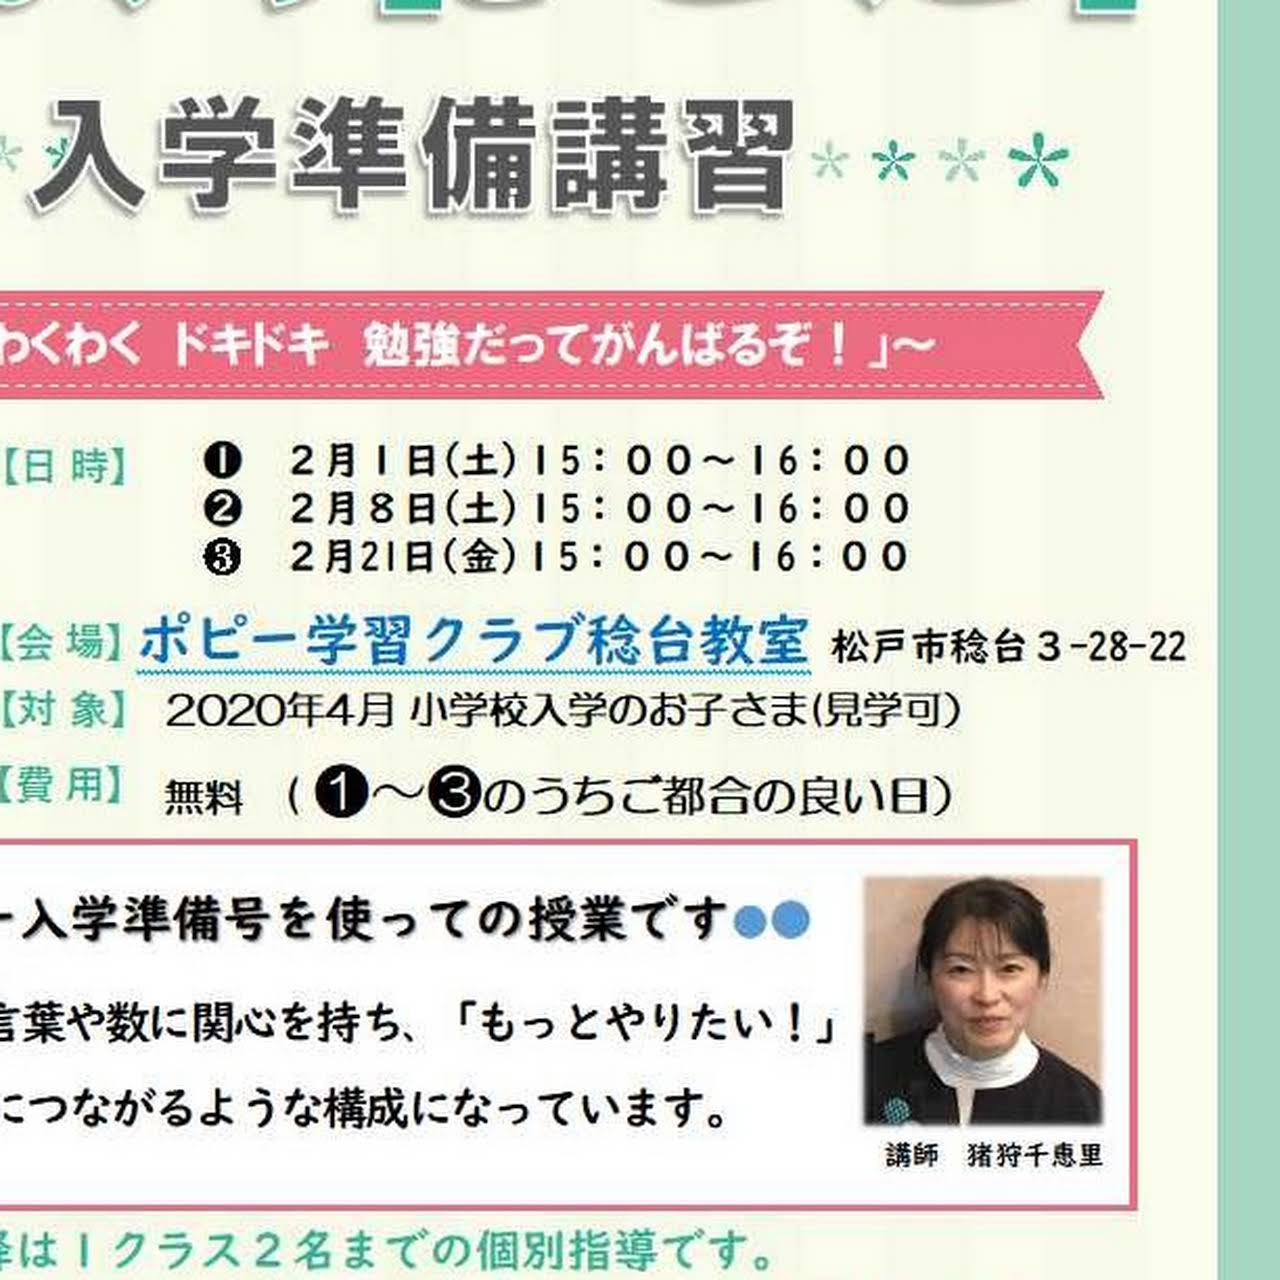 松戸 ドキドキ クラブ